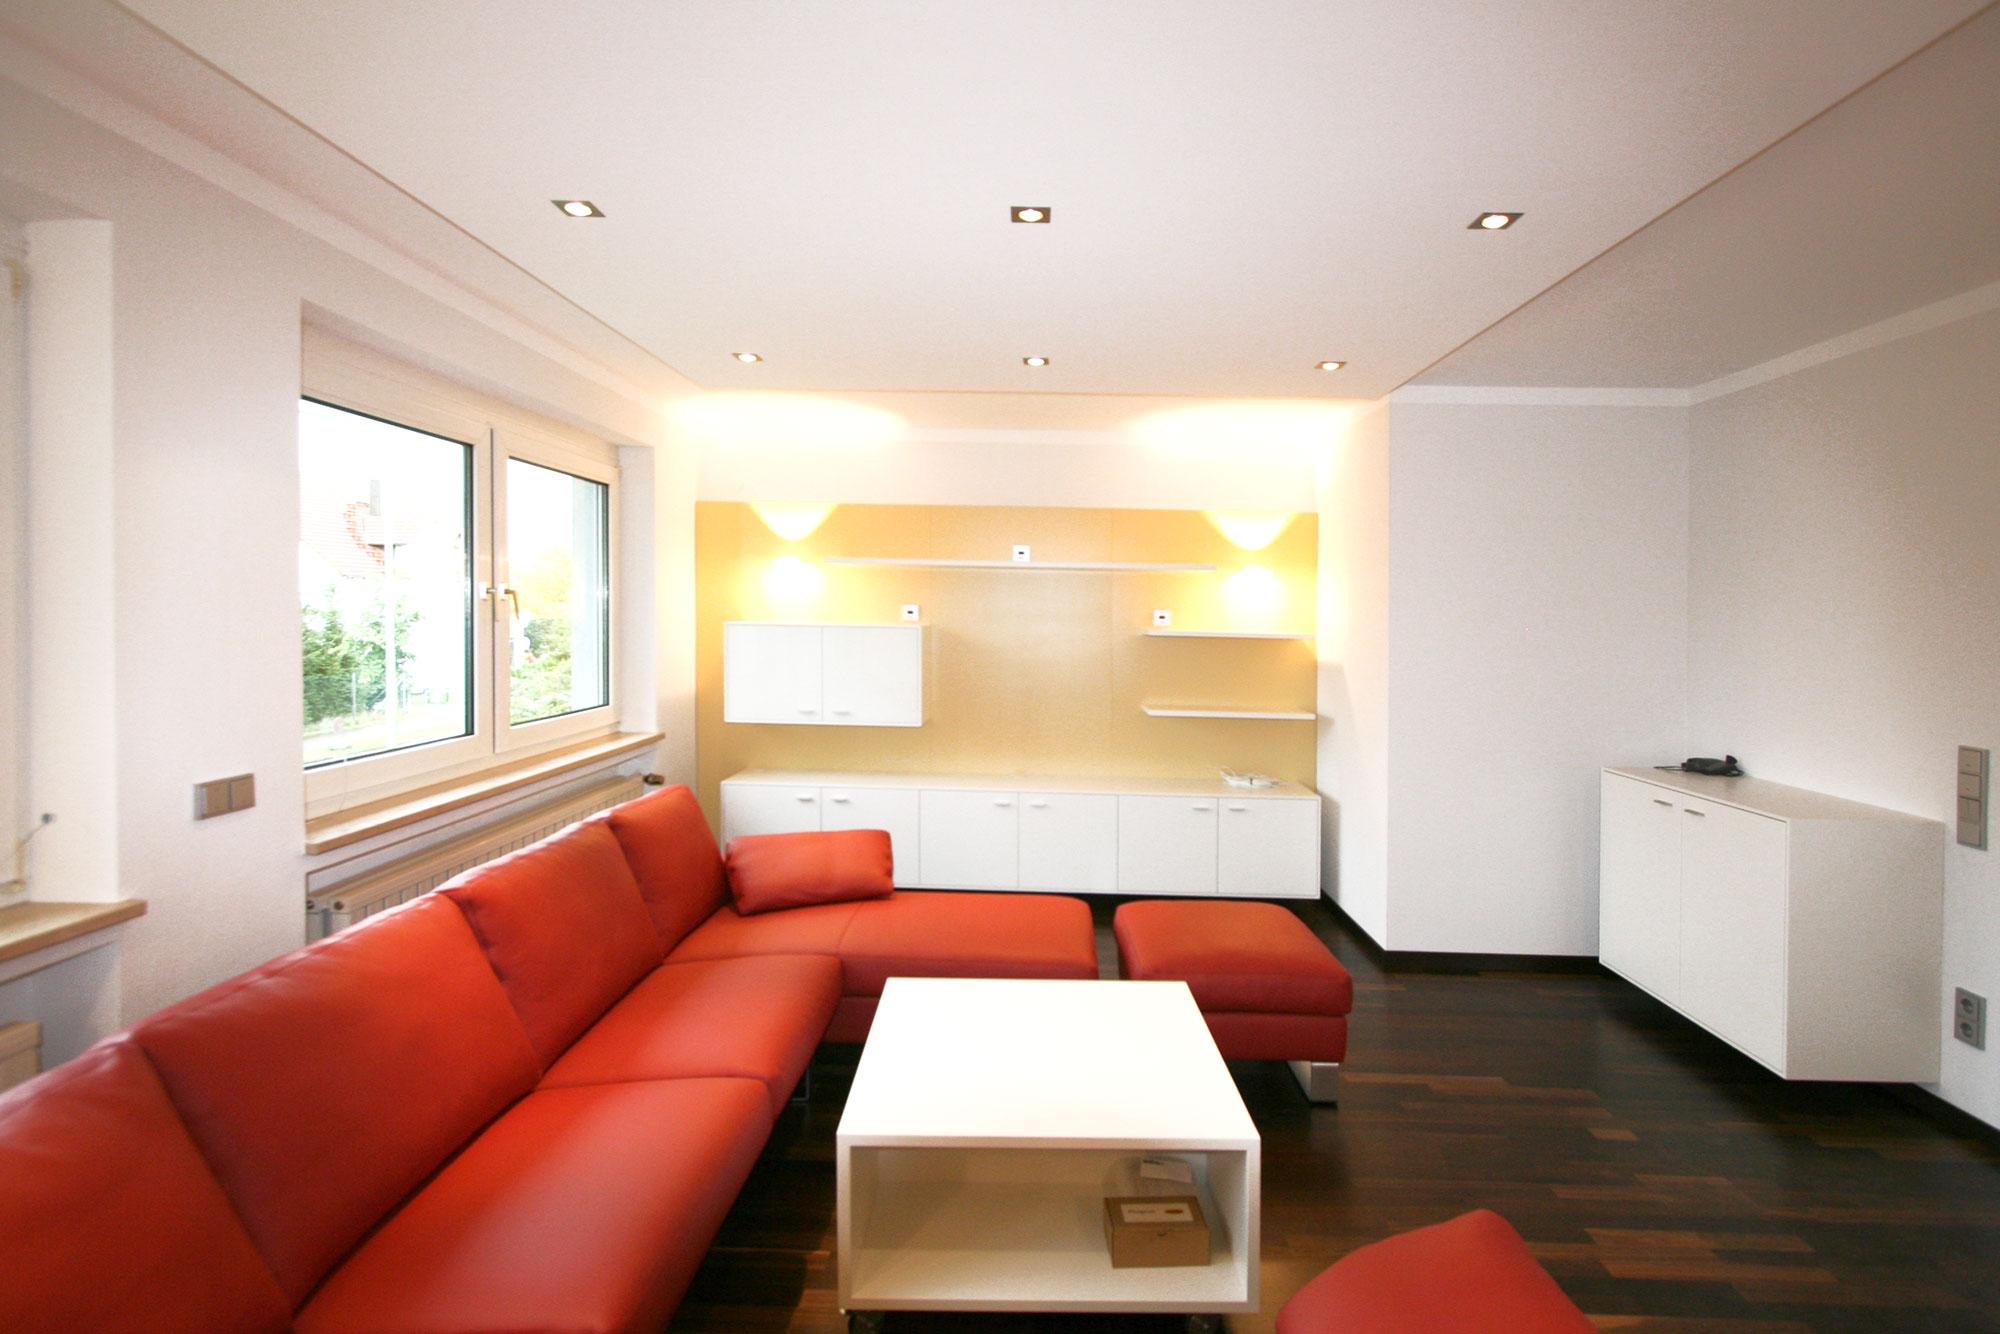 Umbau einer Wohnung - GROSS | Innenarchitektur